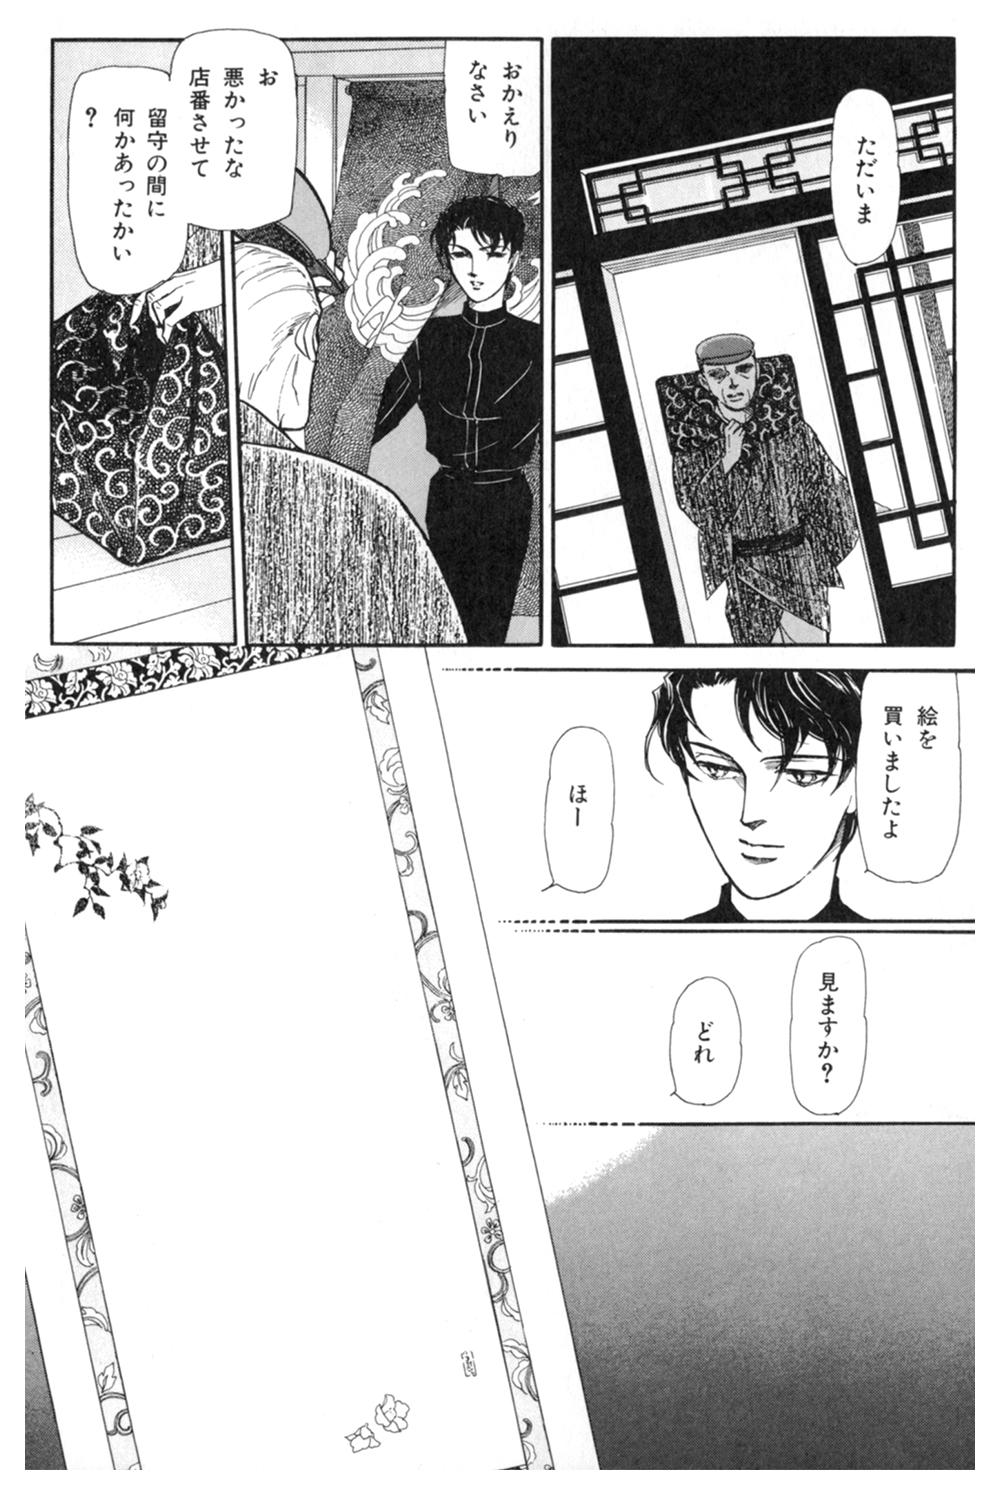 雨柳堂夢咄 第1話「花椿の恋」②uryu25.jpg